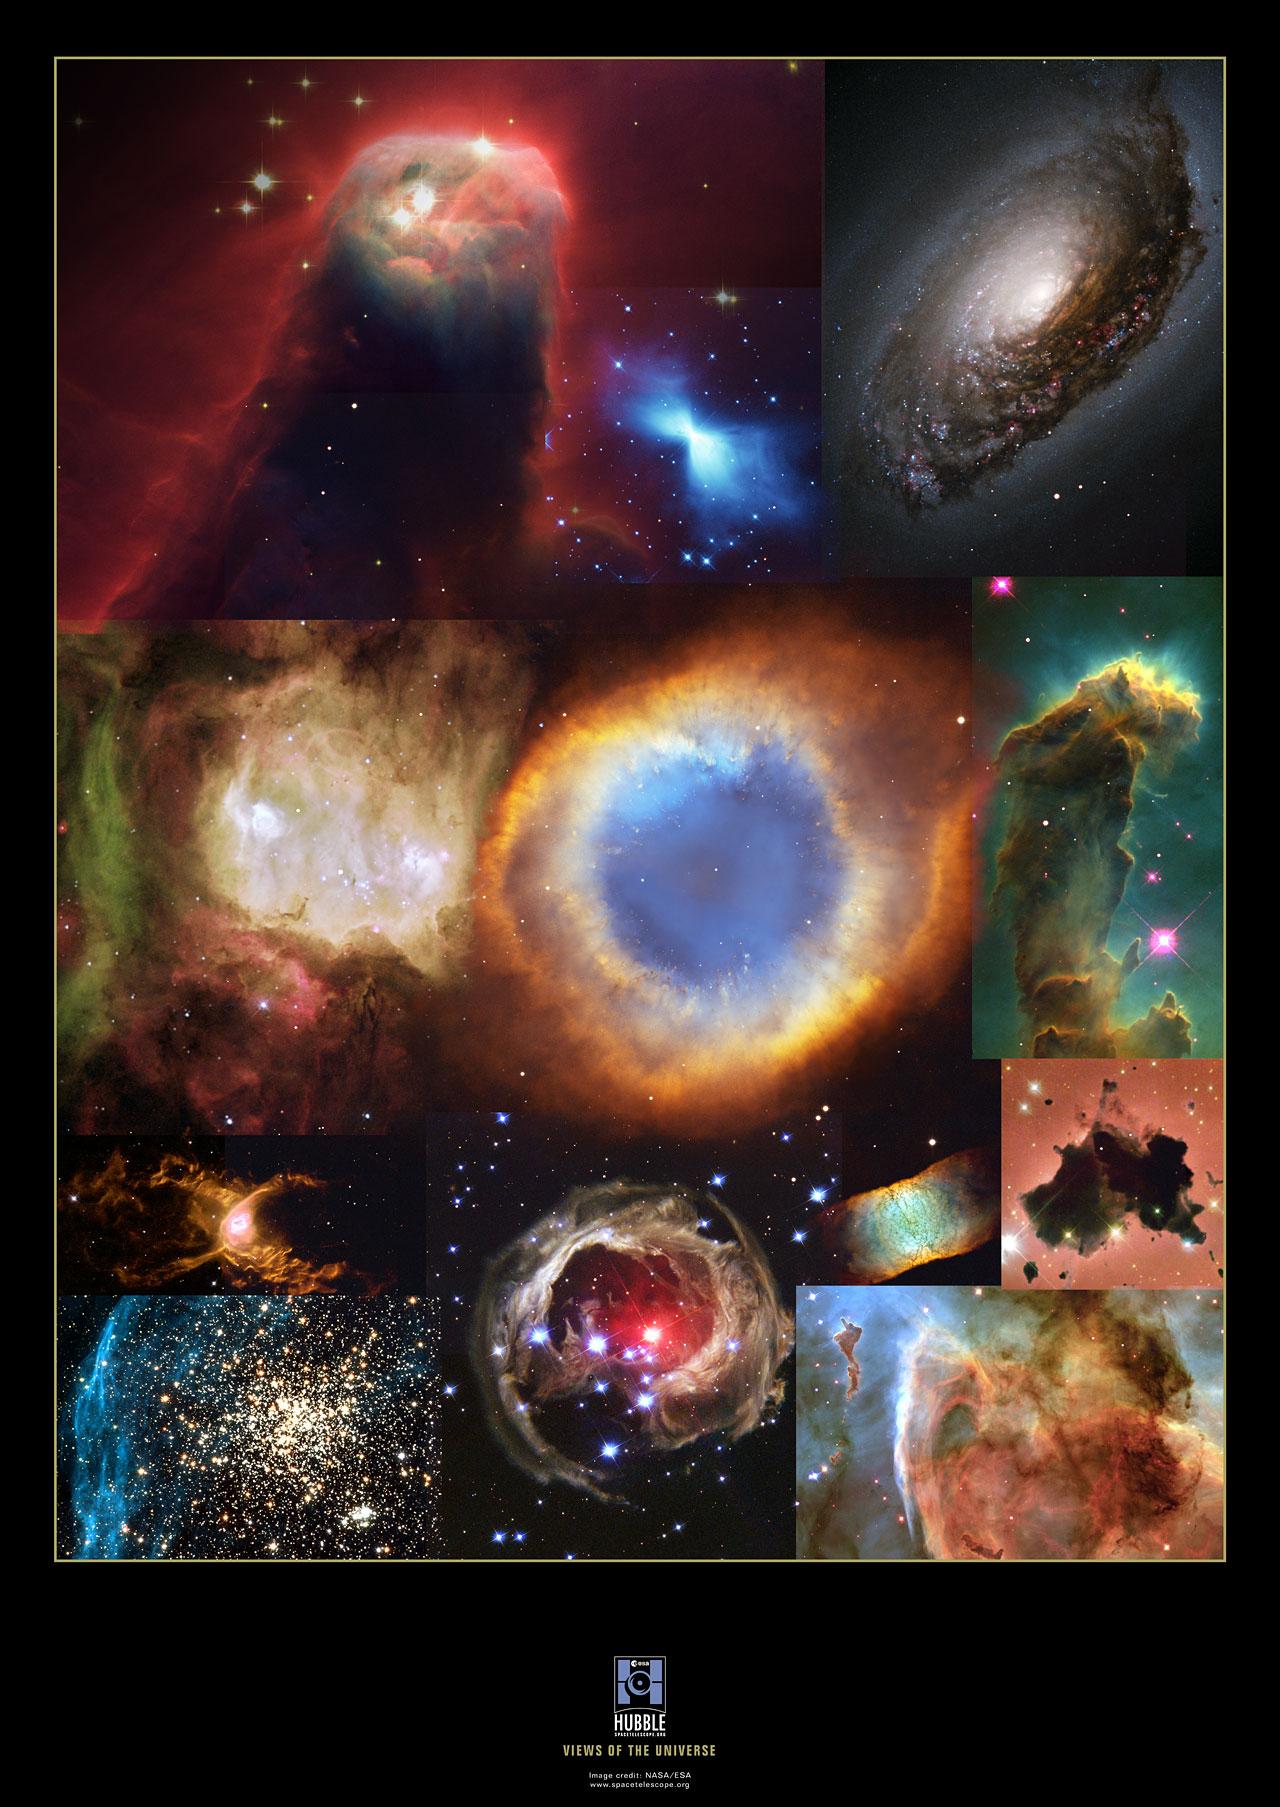 Hubble Collage | ESA/Hubble